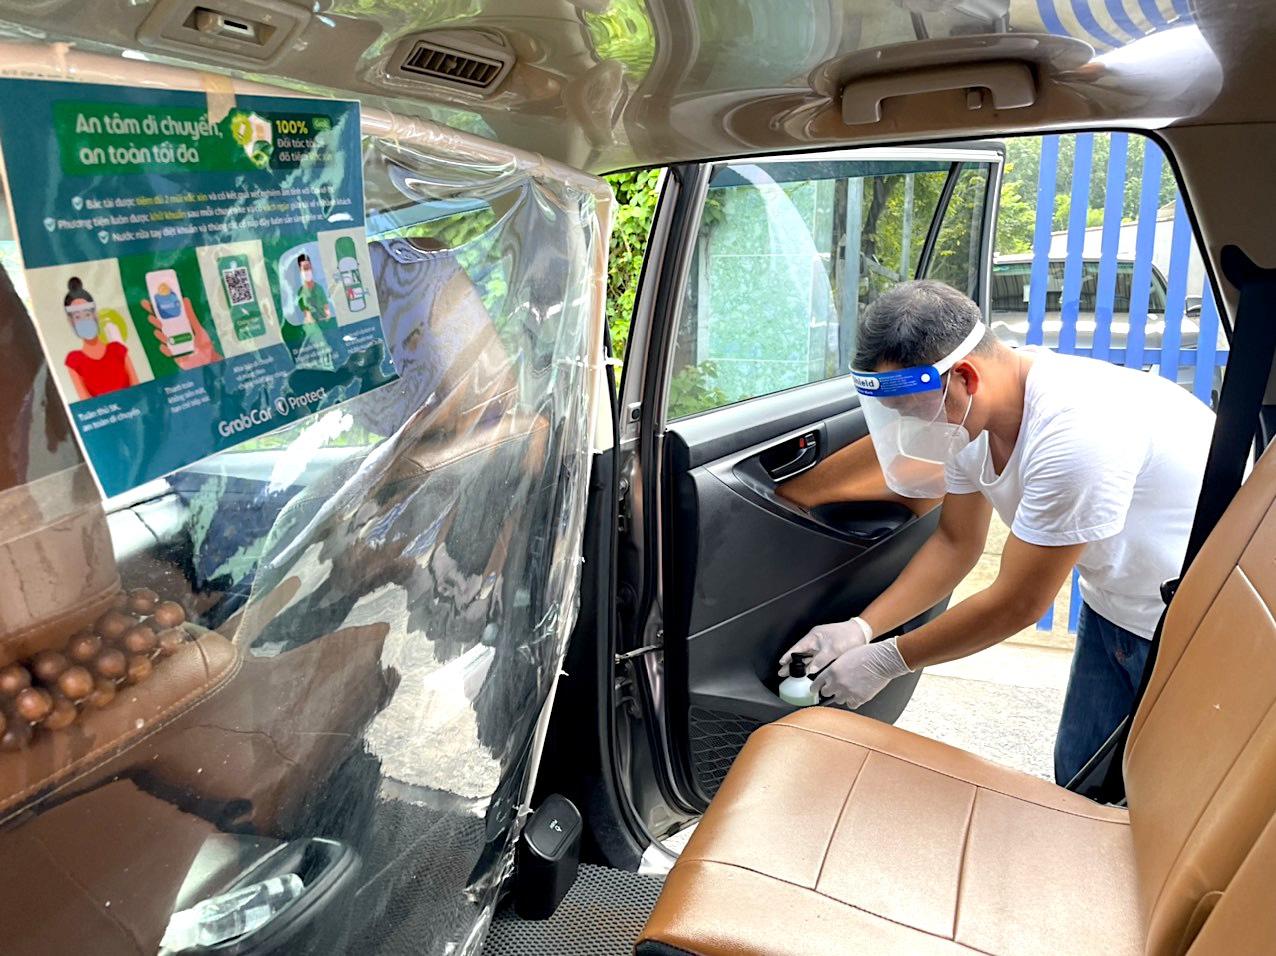 Khôi phục hoạt động gọi xe công nghệ Grab tại Hà Nội - ảnh 1